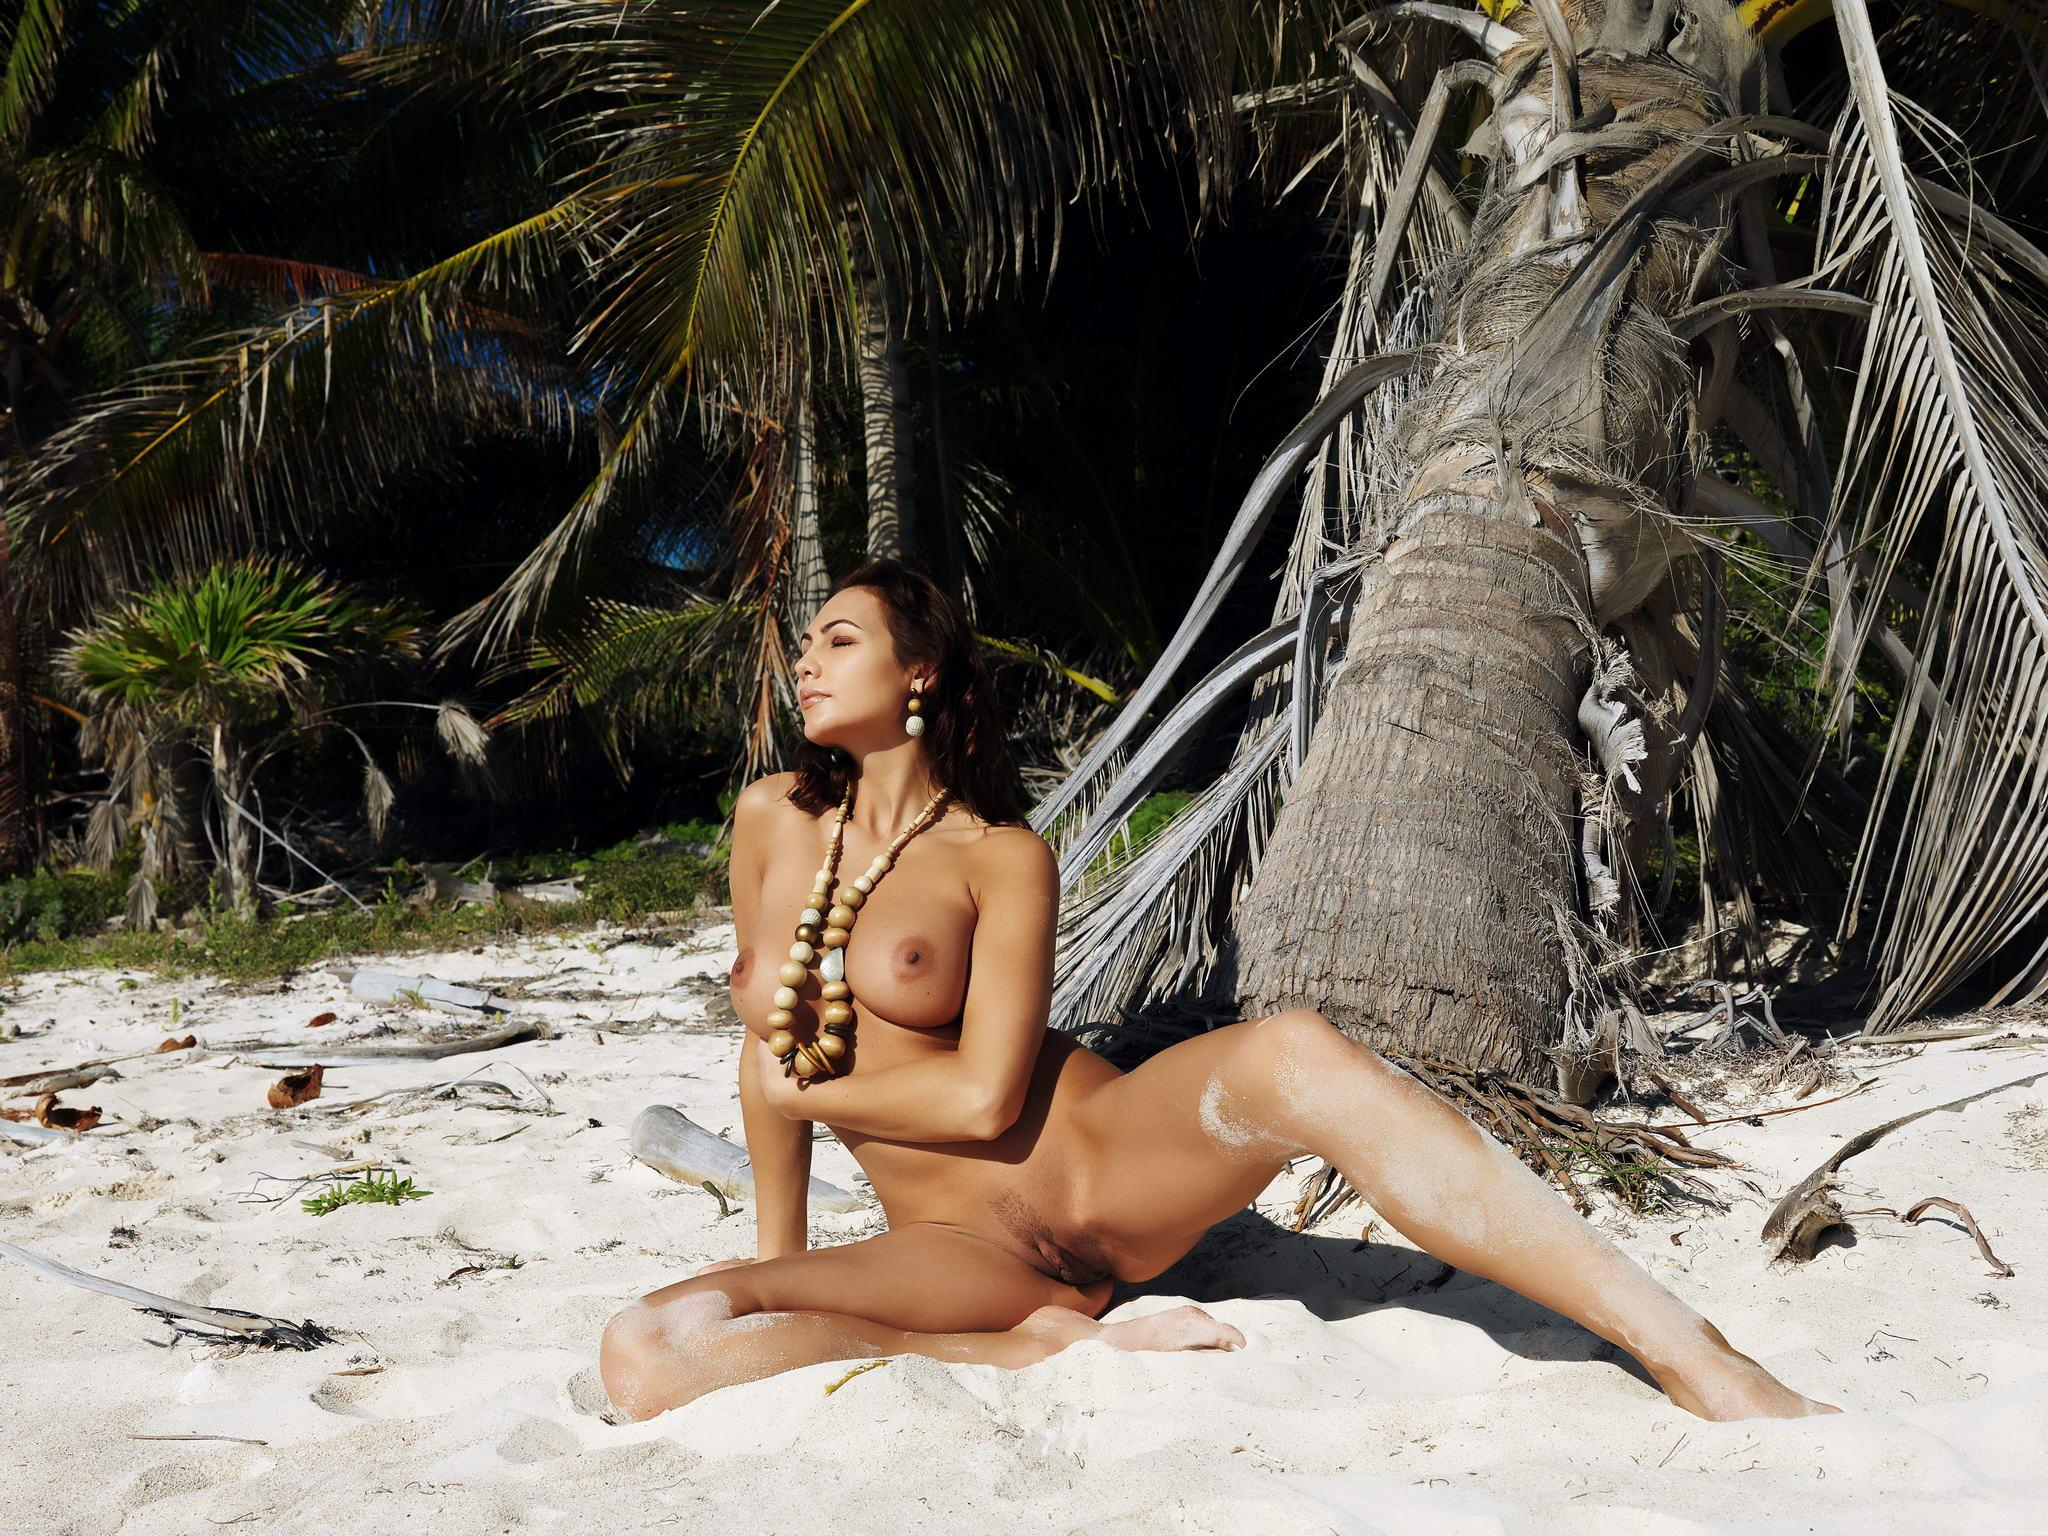 Тропический секс смотреть онлайн 20 фотография